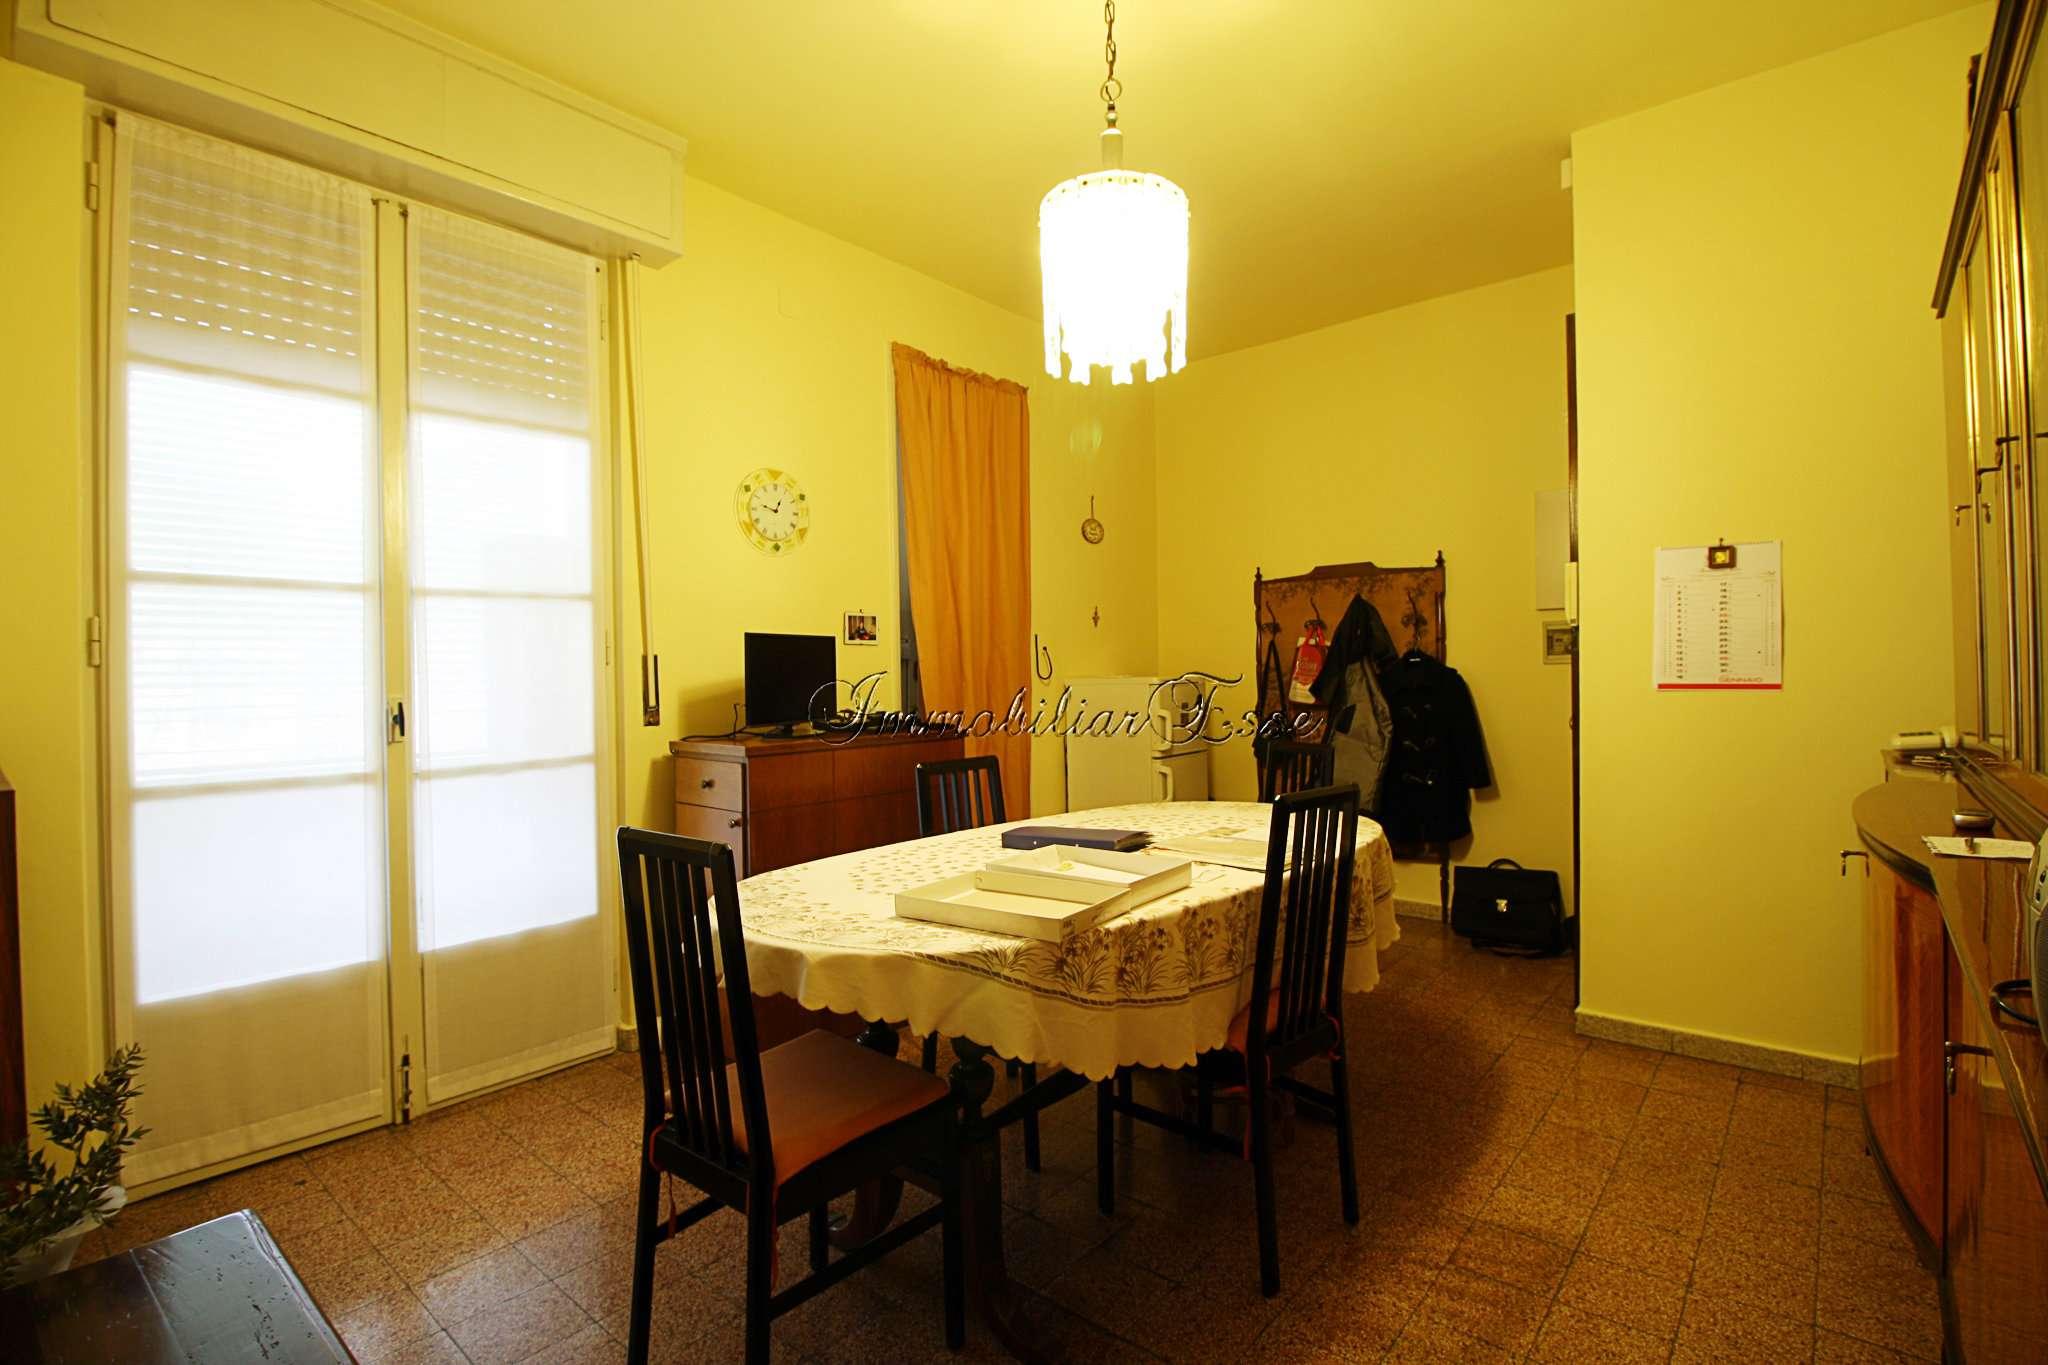 Appartamento in Vendita a Milano 18 Ippodromo / San Siro / Zavattari: 3 locali, 70 mq